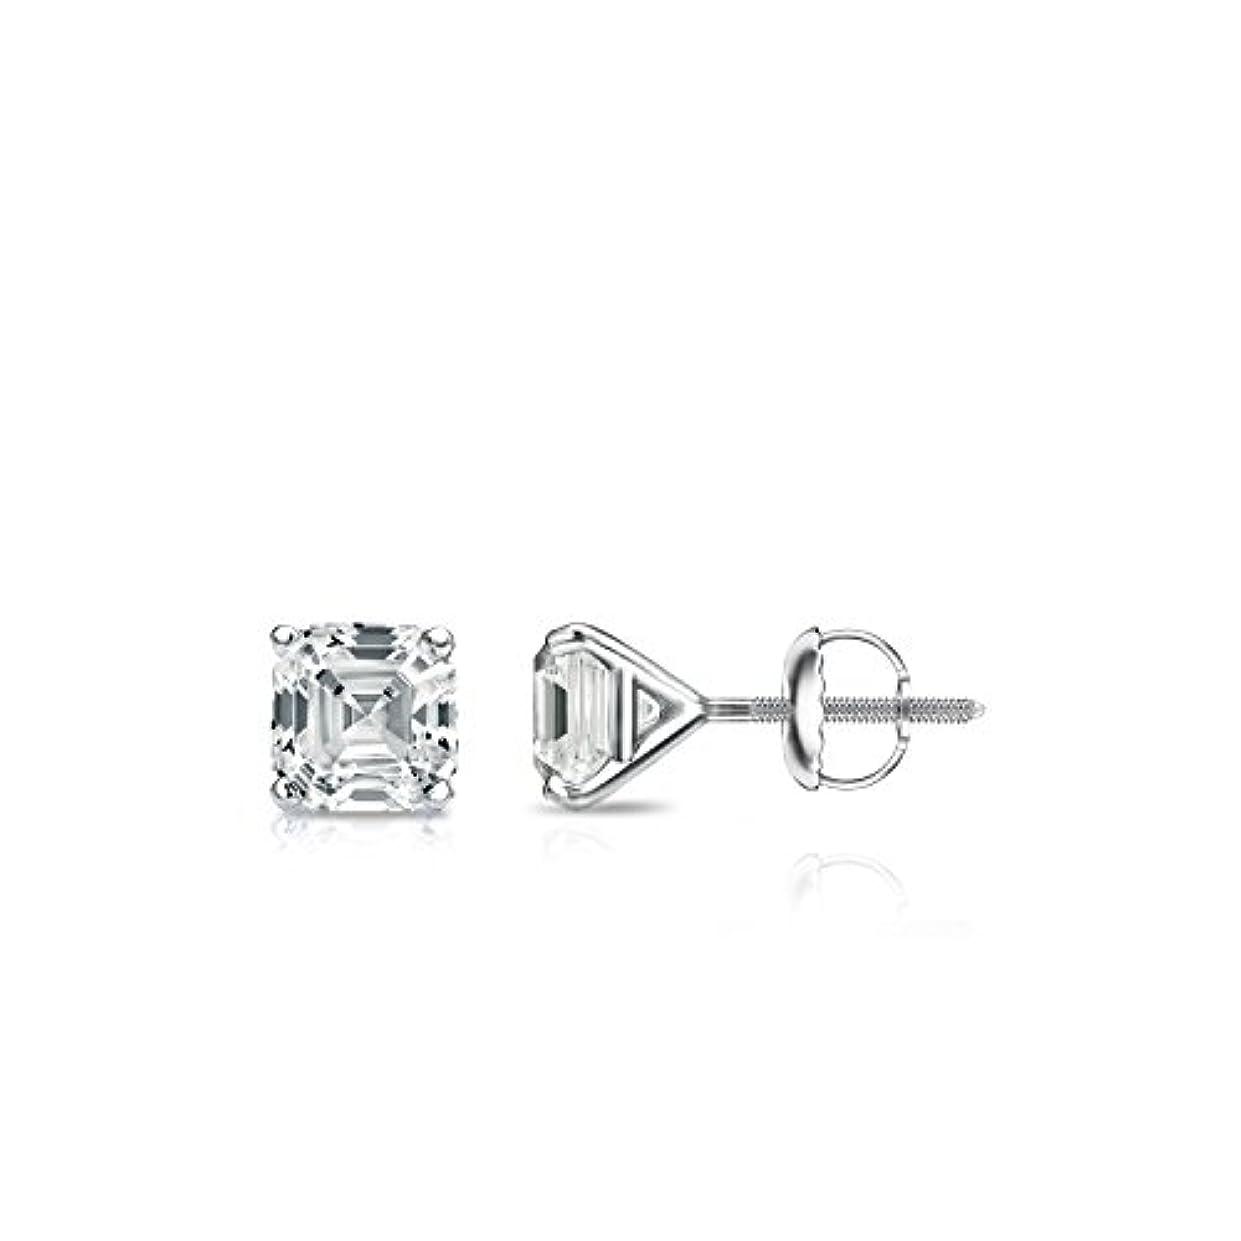 計算可能一晩フォーム14 Kホワイトゴールド4プロングMartini Asscherダイヤモンドメンズスタッドイヤリング( 1 / 2 – 2 ct、Oホワイト、i1 - i2 ) screw-back